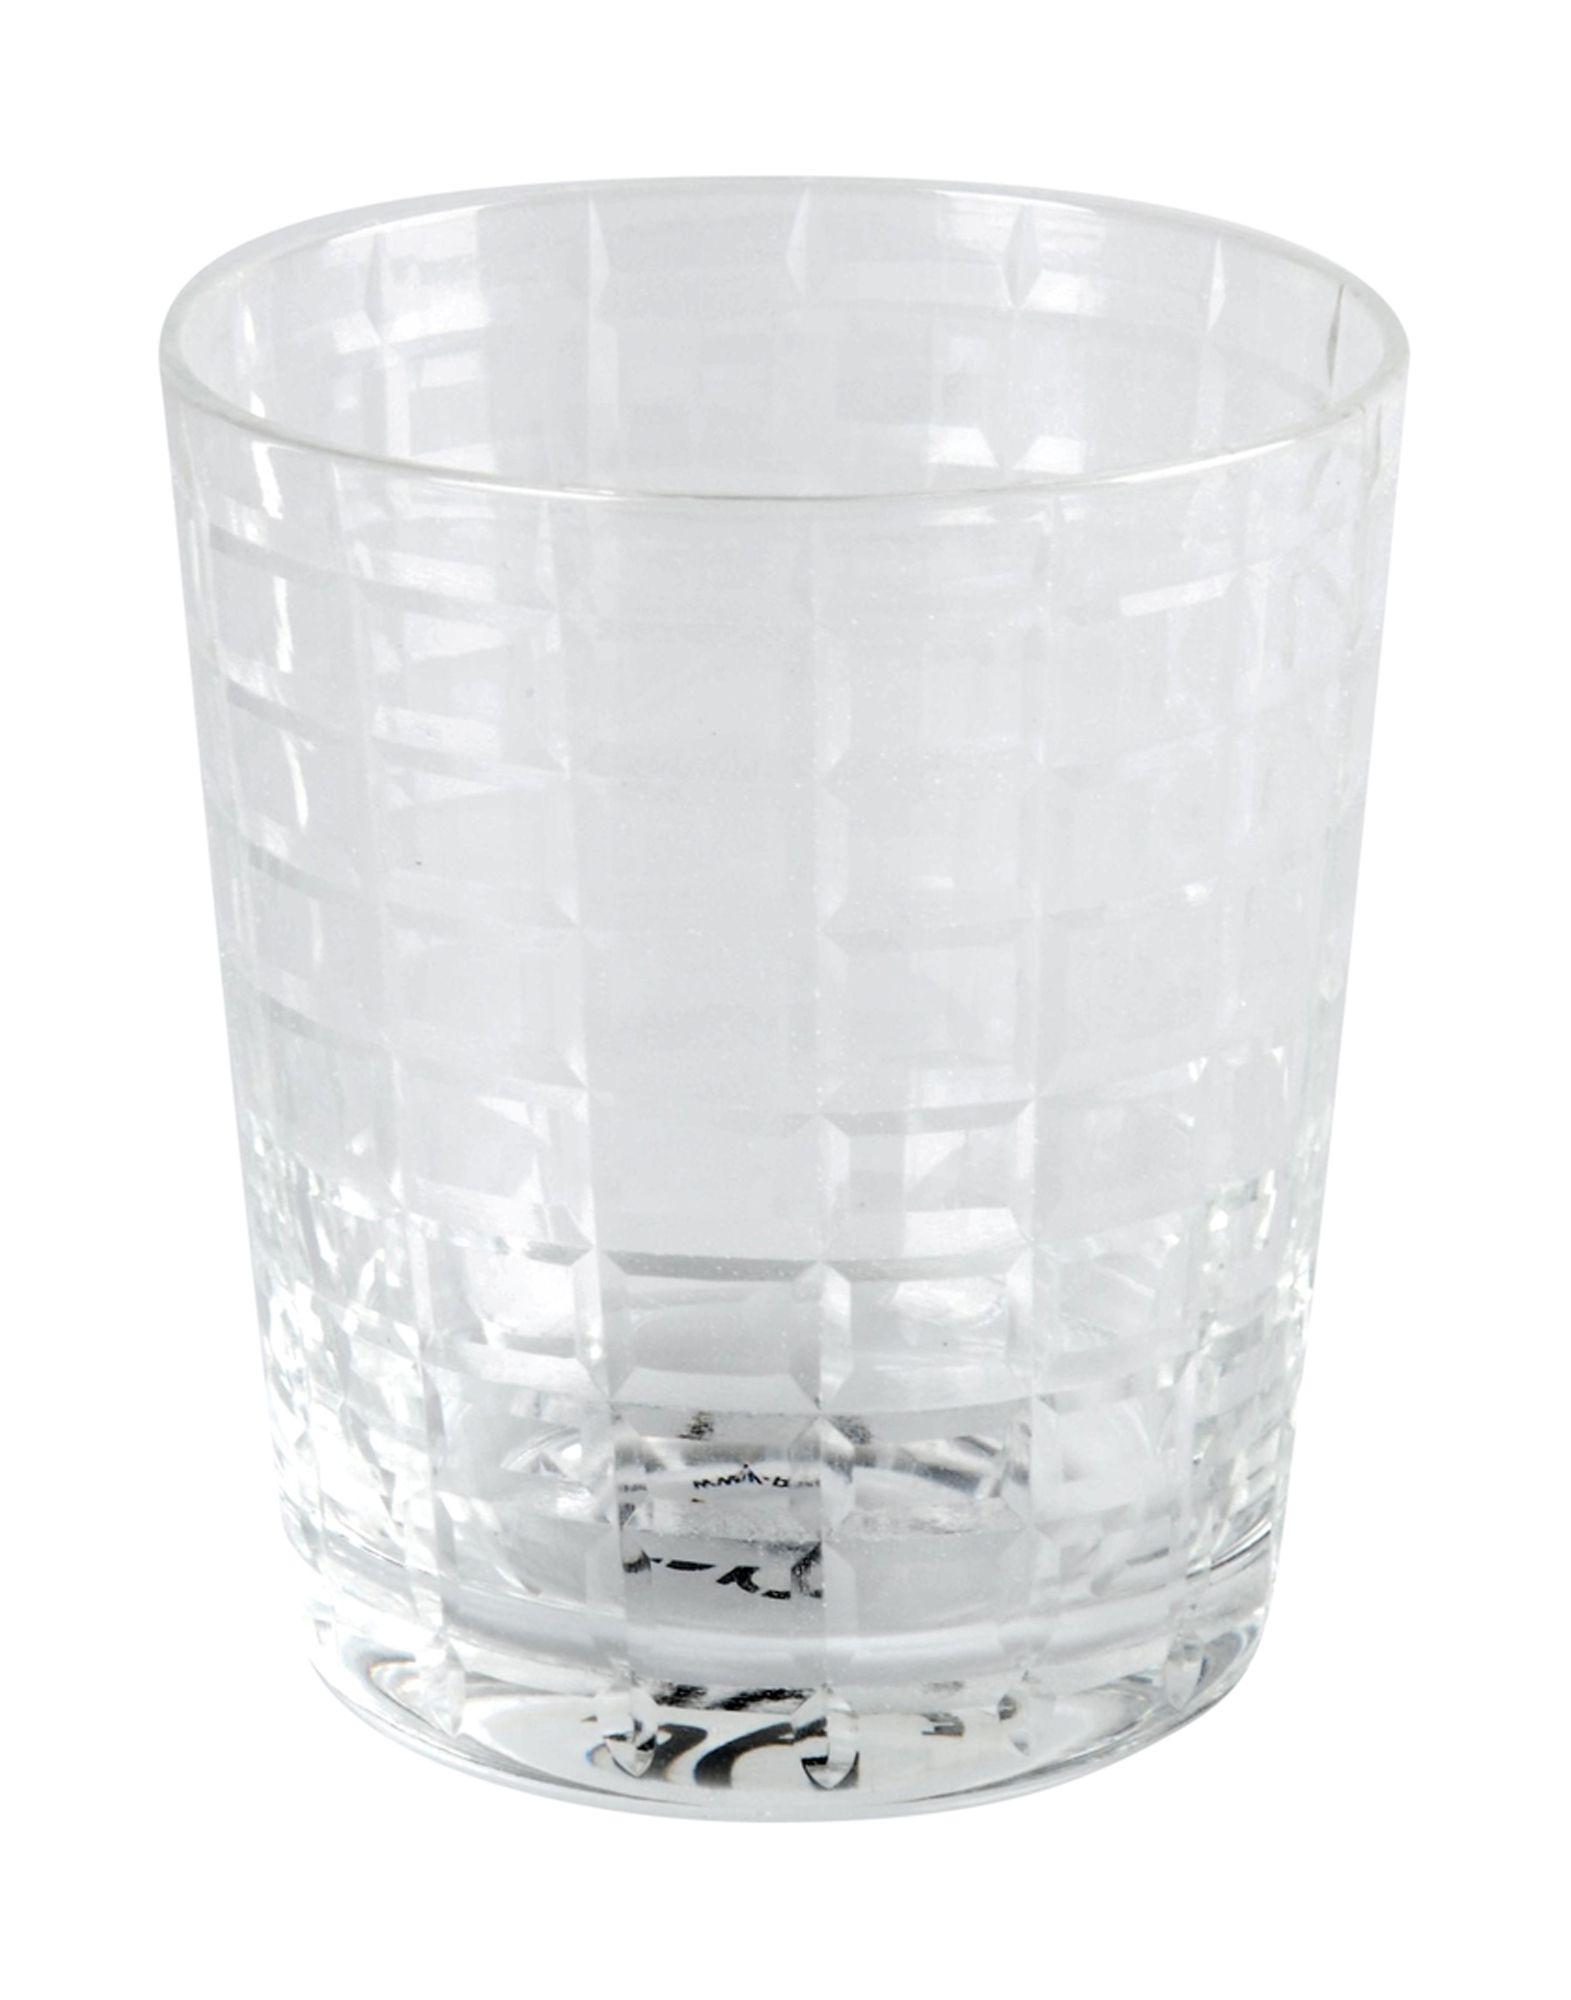 POLS POTTEN Стакан pols potten стакан